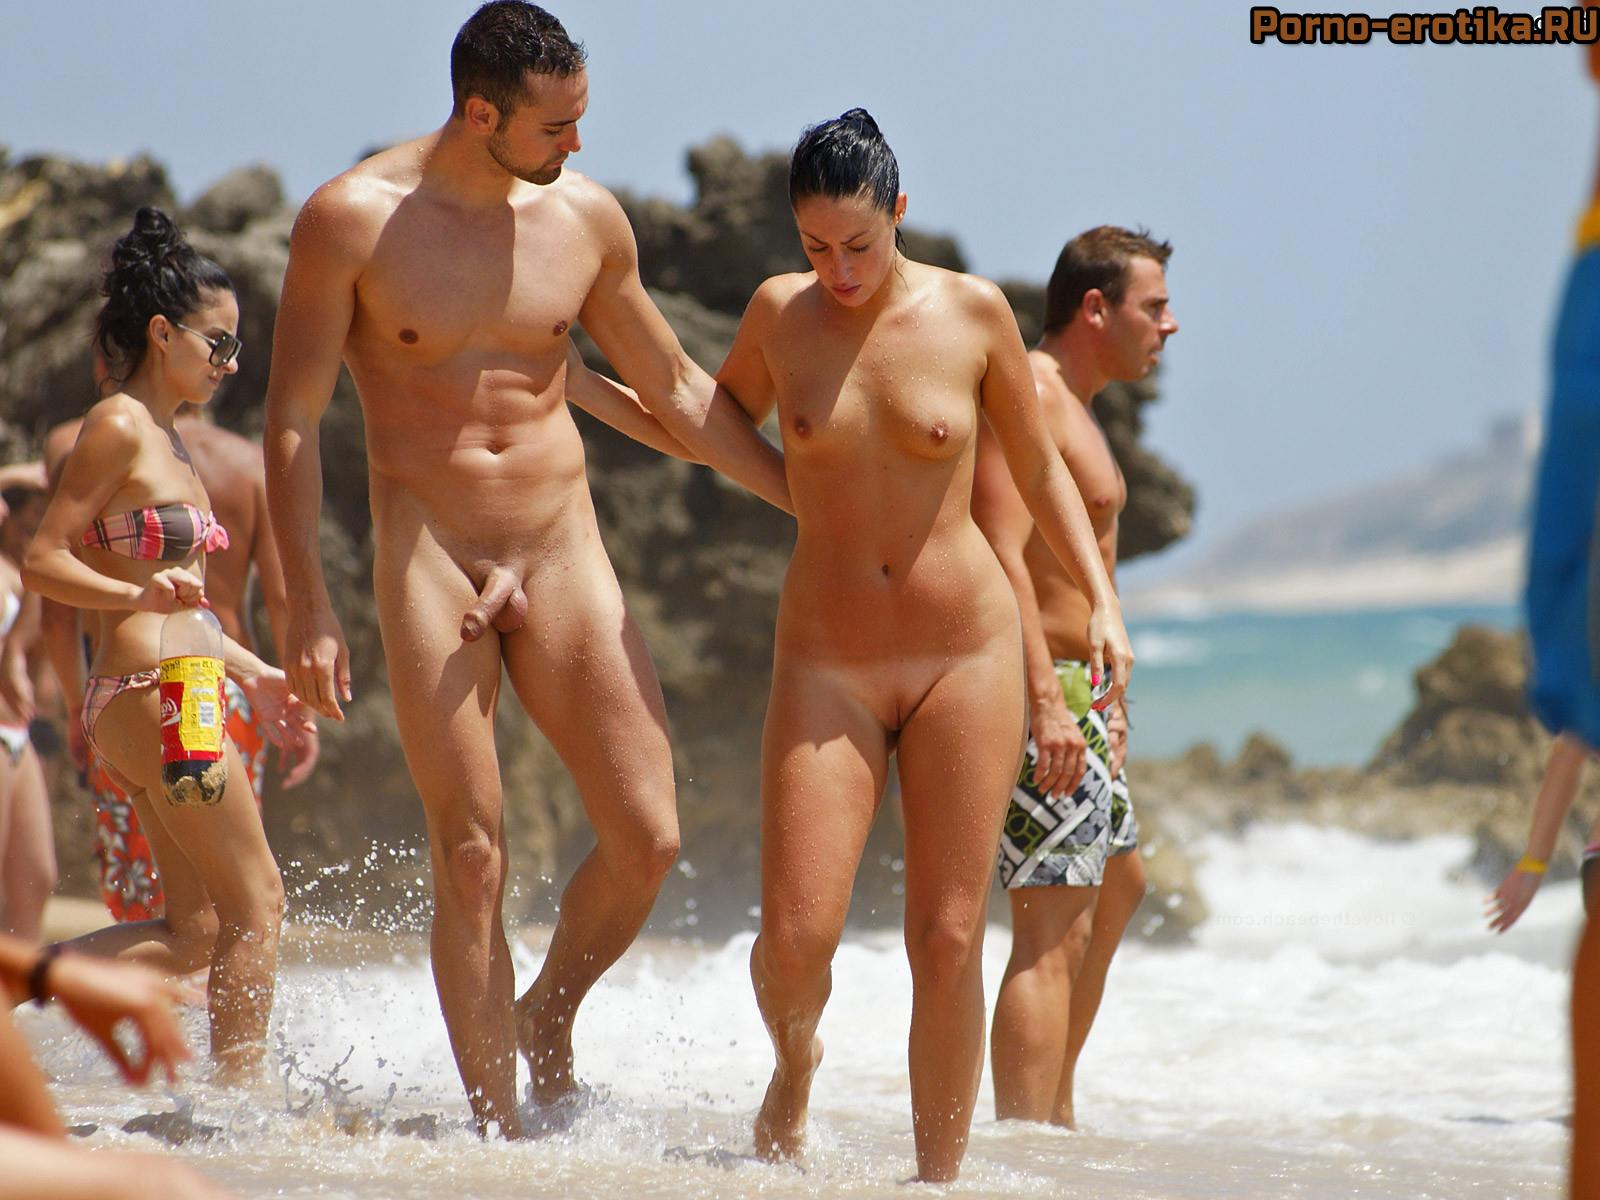 много голых девушек в фотосессии